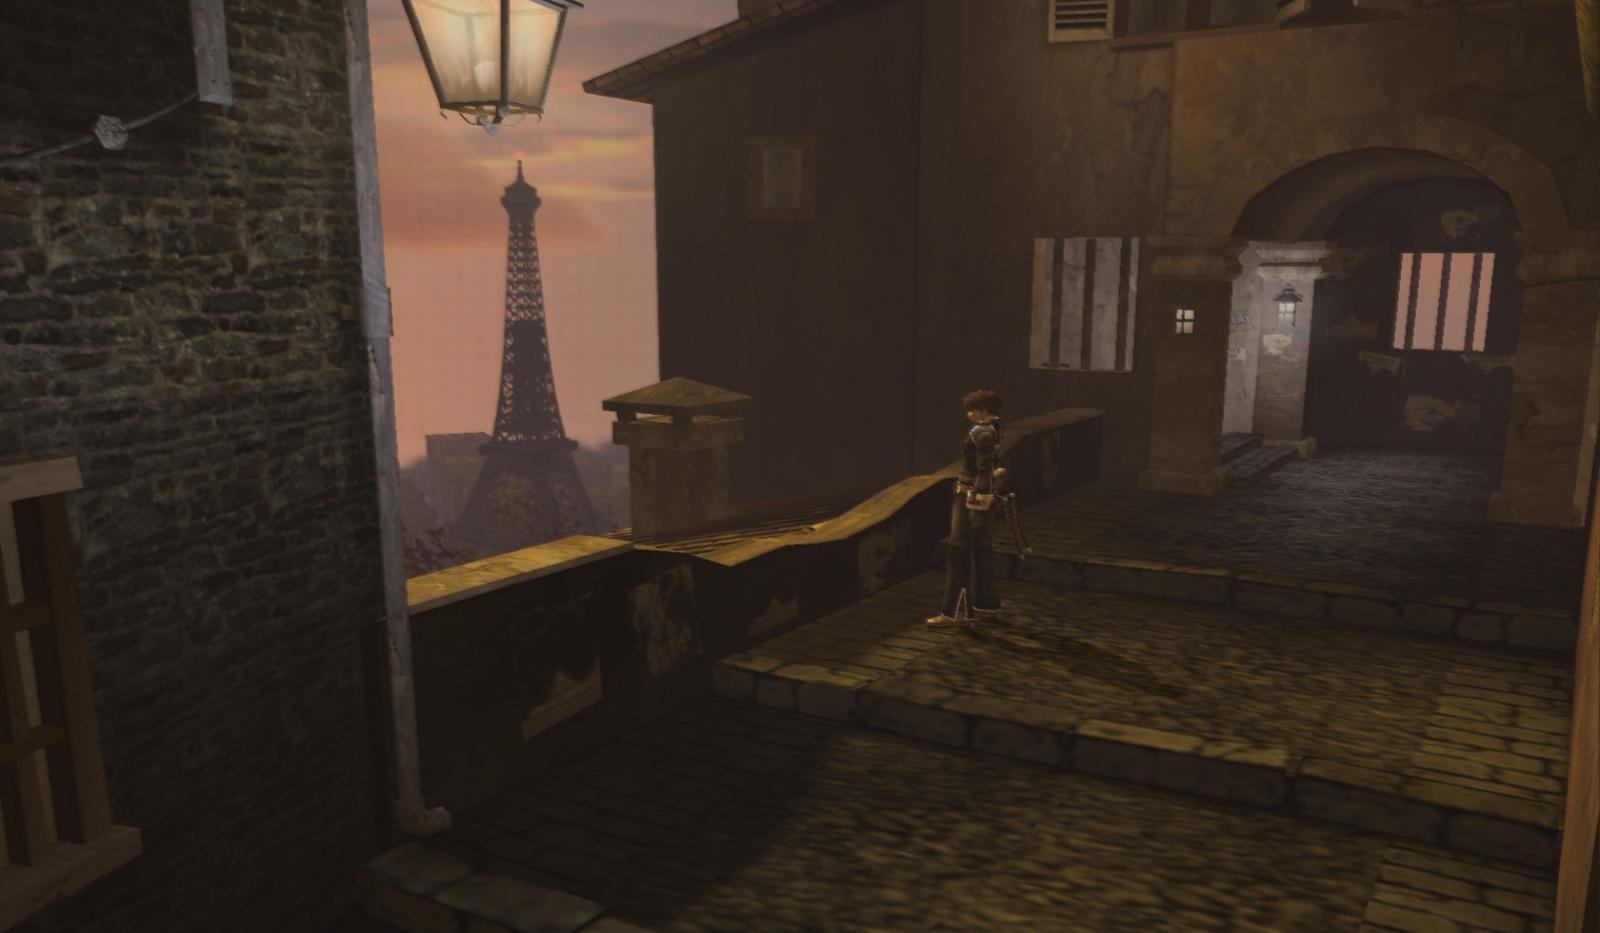 čo je to za veža?